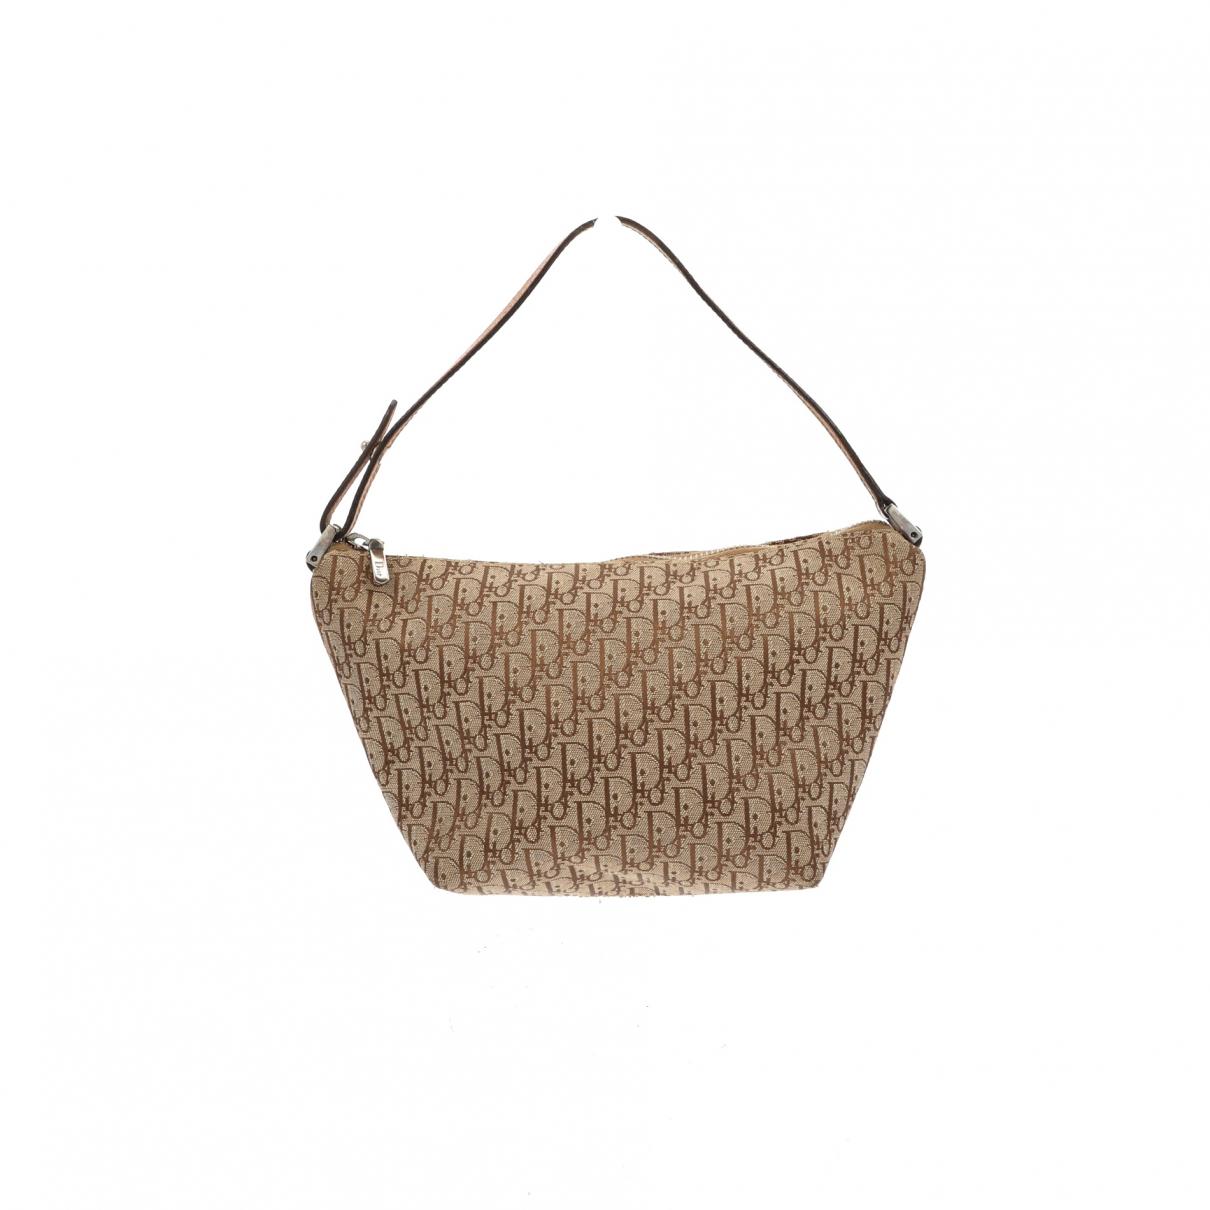 Christian Dior \N Handtasche in  Beige Leinen